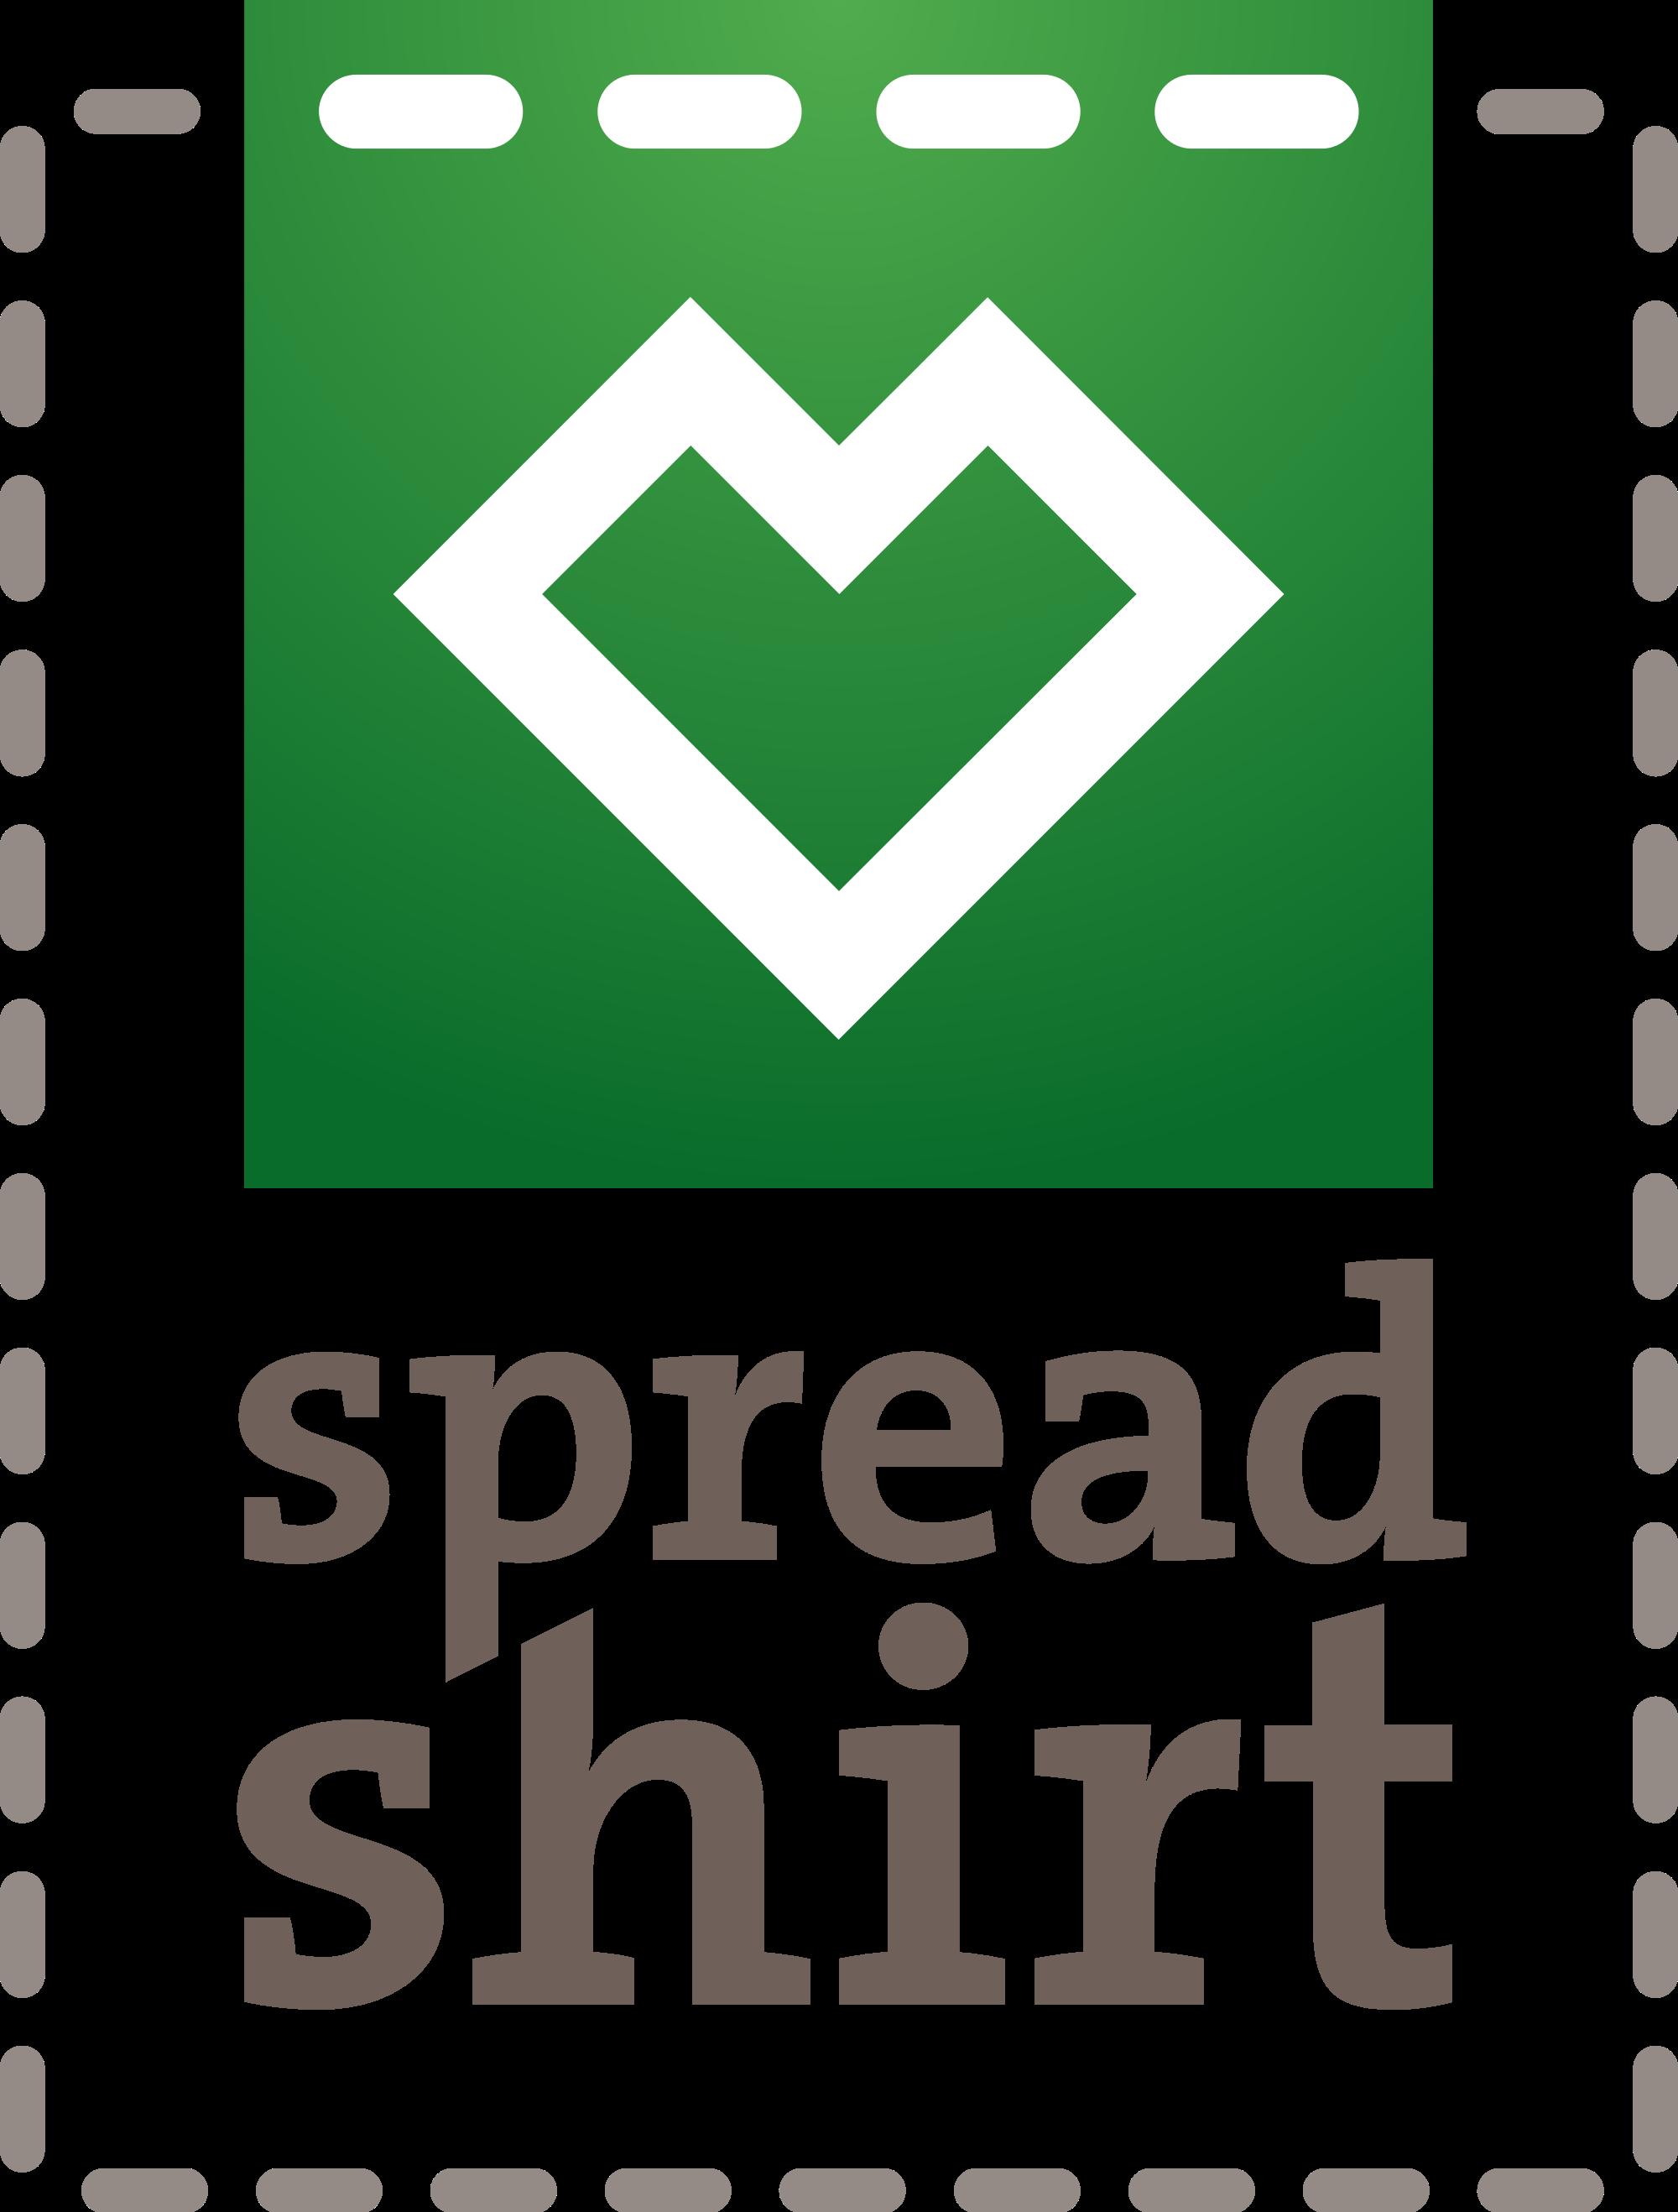 Spreadshirt erfüllt Kundenwünsche mit neuem Design-Tool